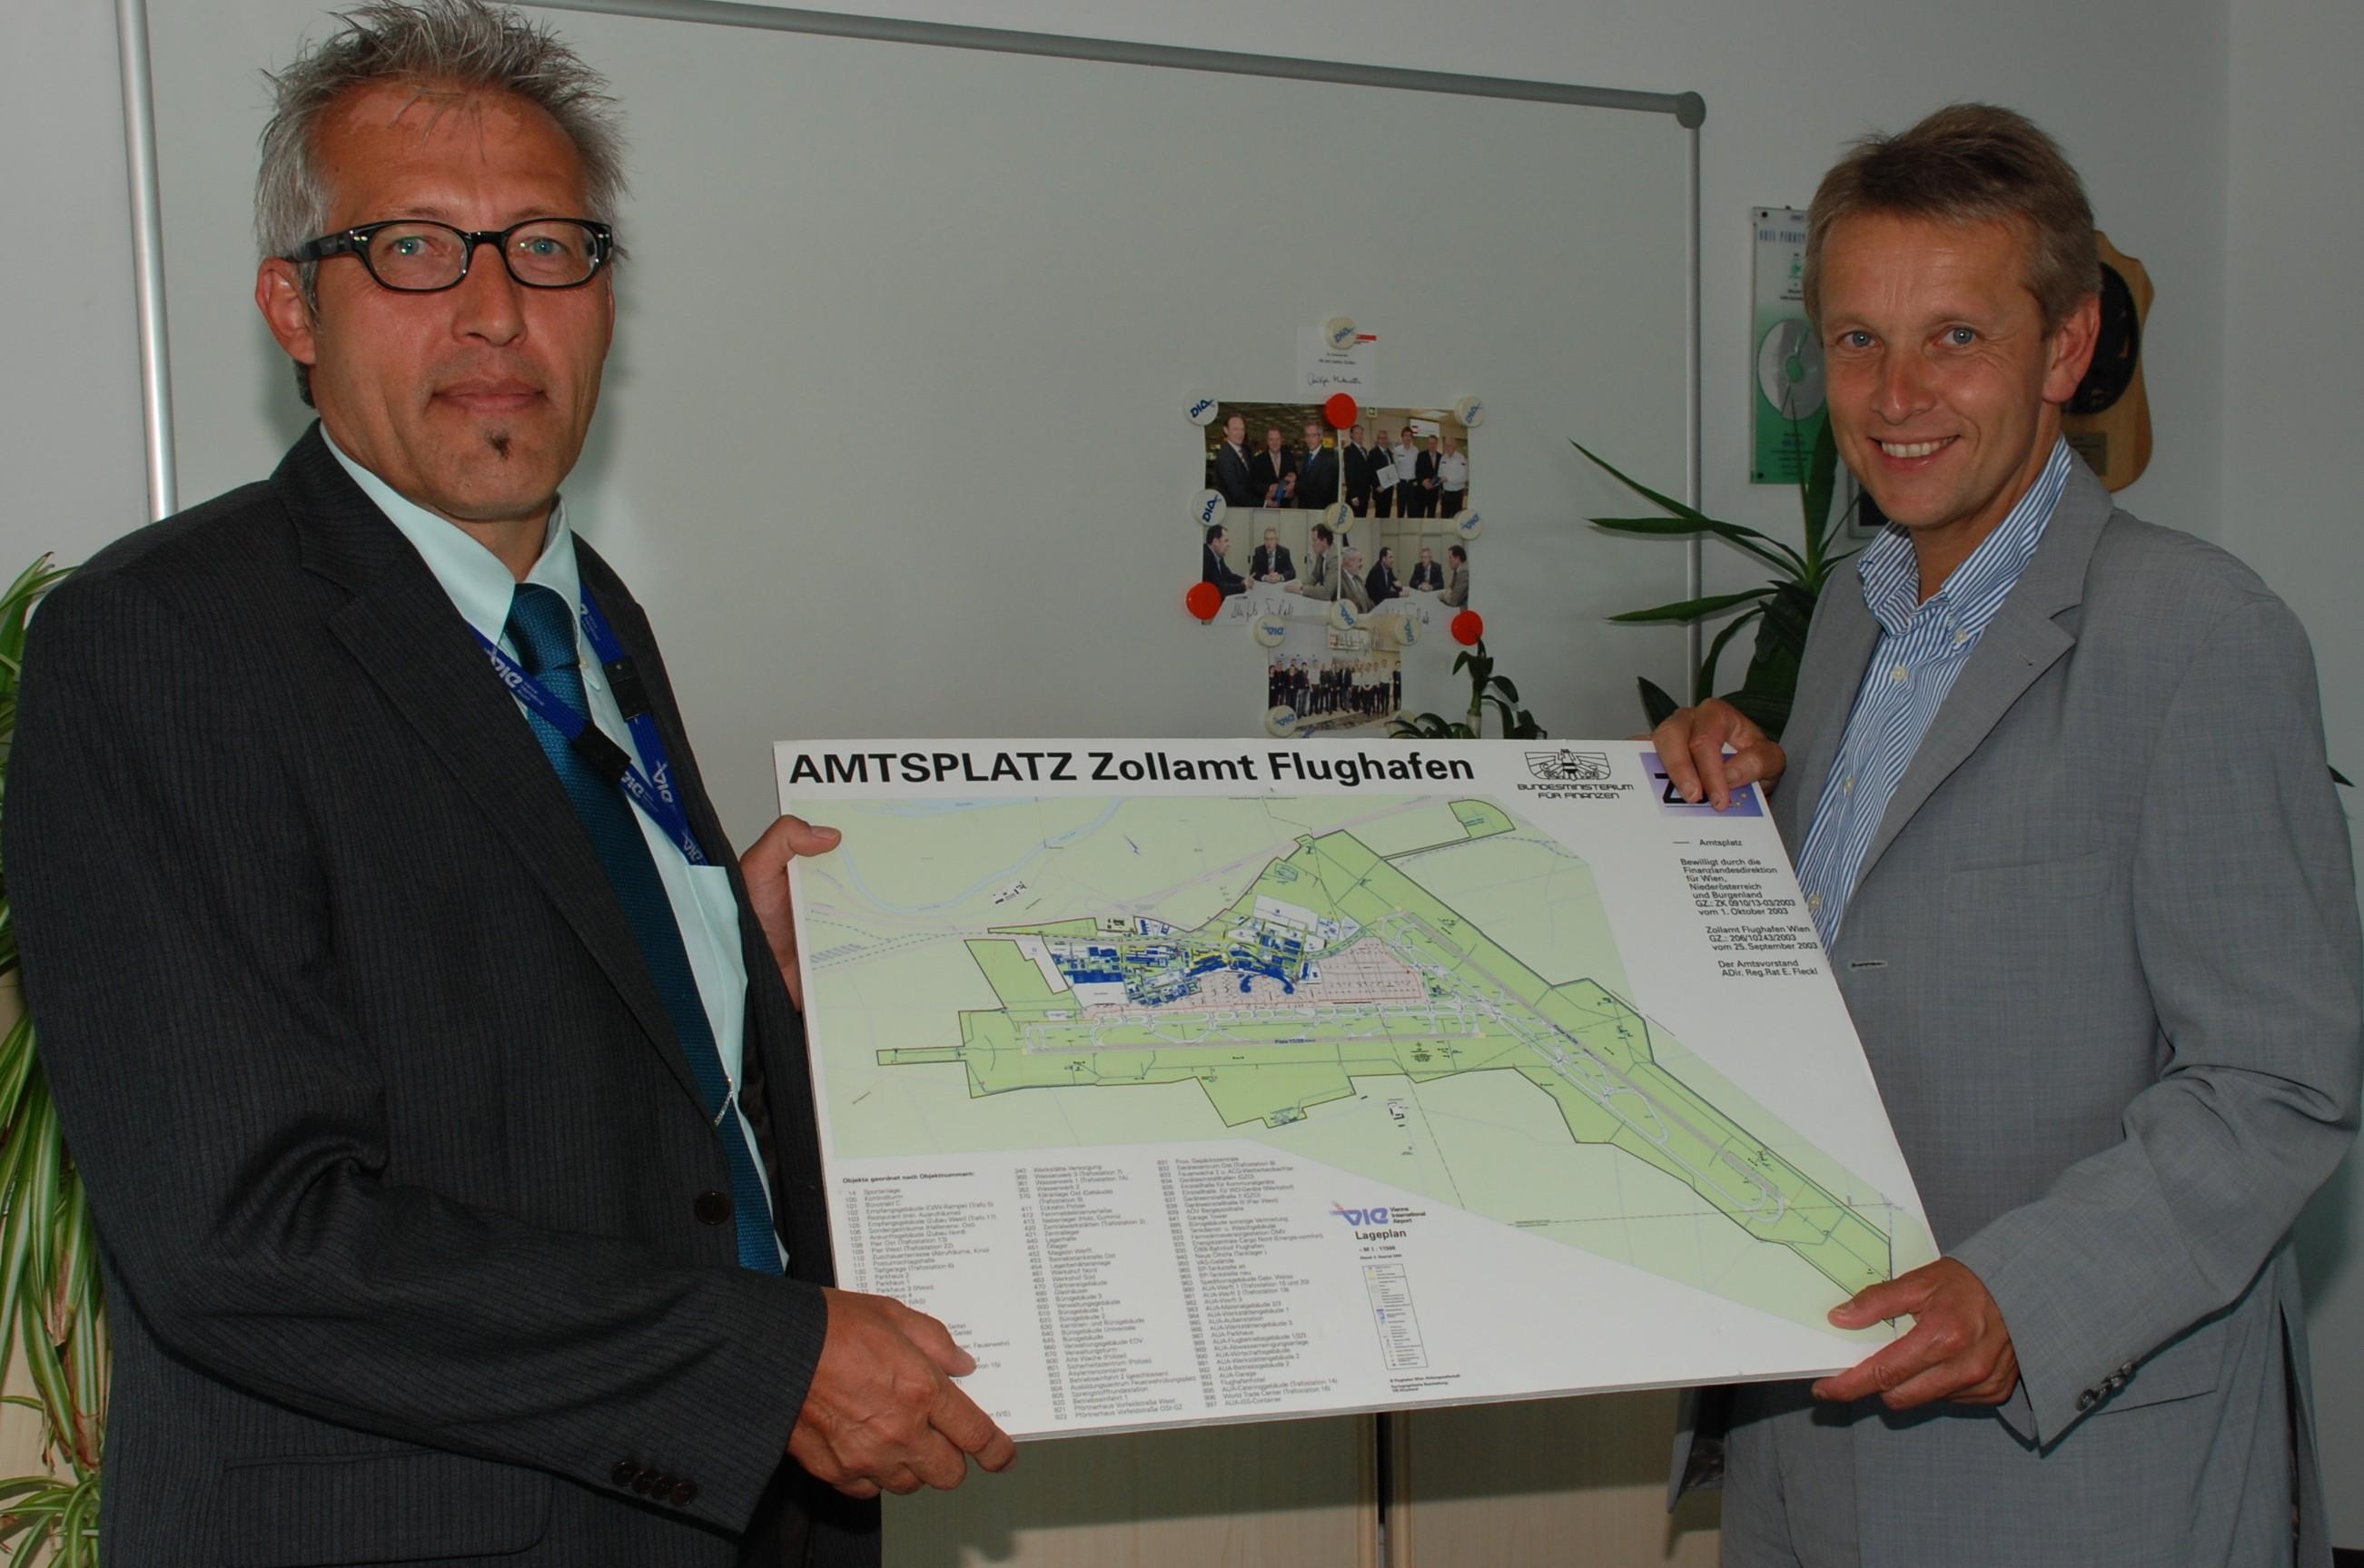 Arbeitsplatz Flughafen: Das dortige Zollamt ist rund um die Uhr besetzt (C) ÖVP Niederösterreich